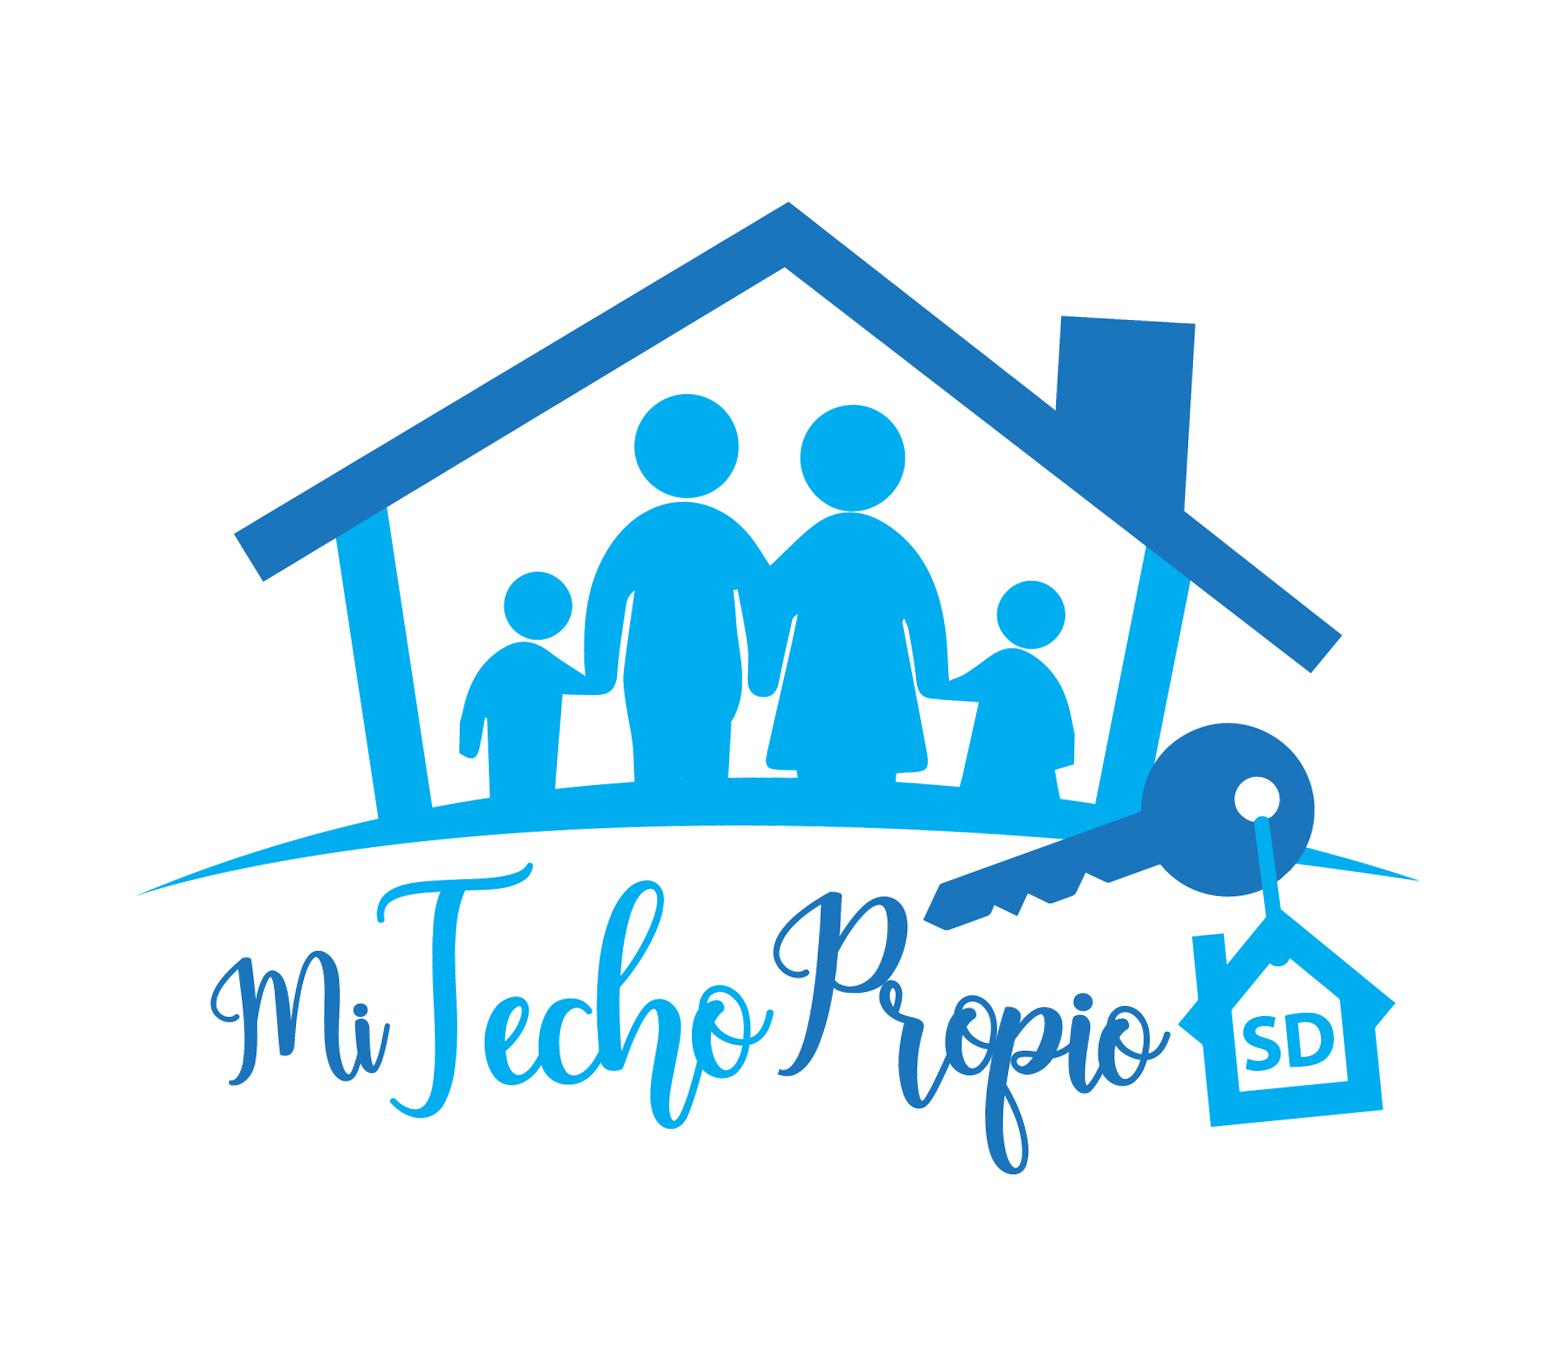 mi_techo_propio-02.jpg